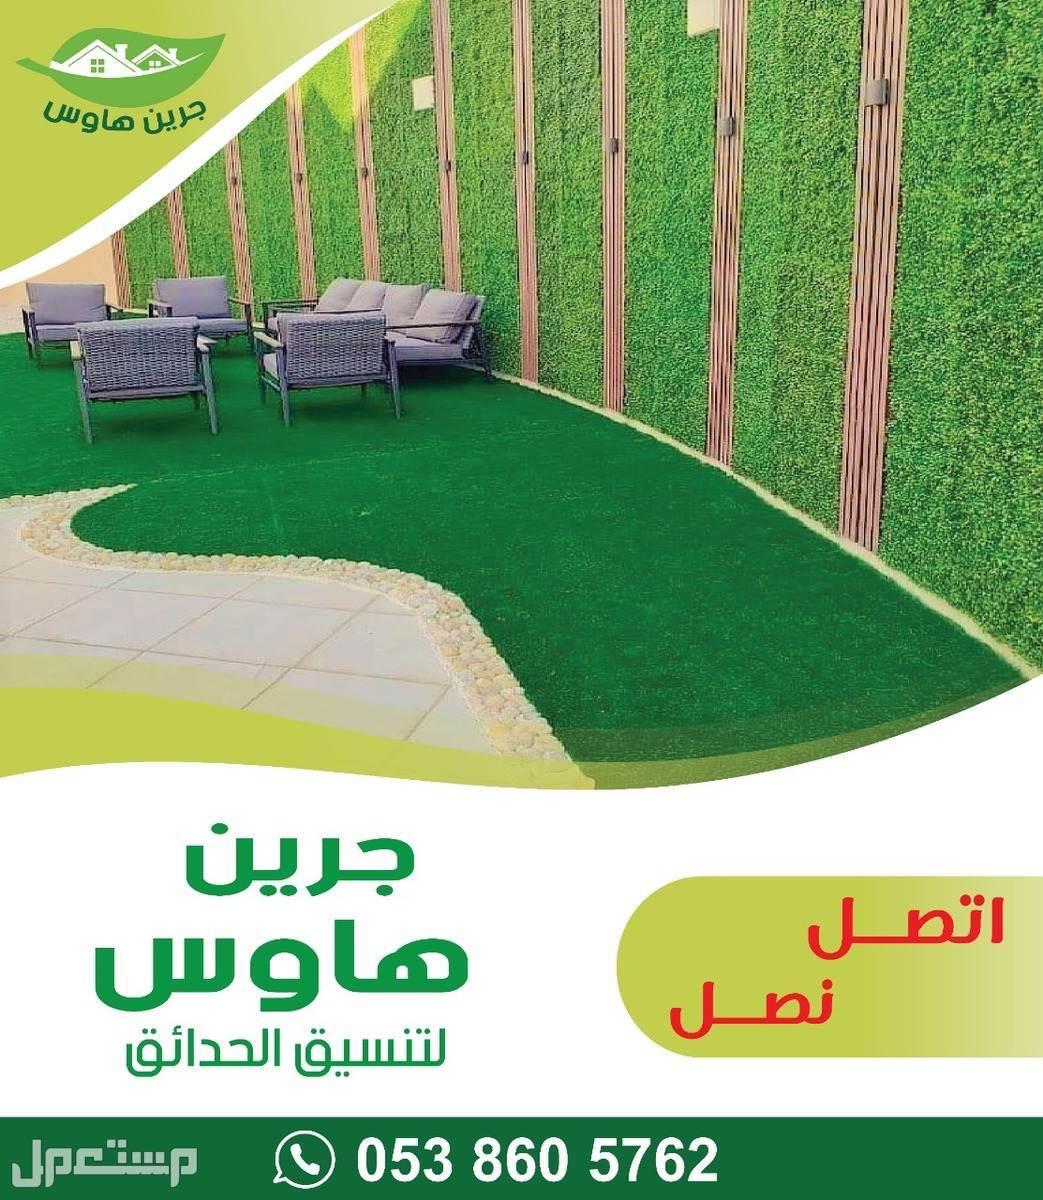 حرق أسعار ديكورات تنسيق الحدائق المختلفة مع الضمان (اتصل نصل) تنسيق حدائق - ثيل - عشب طبيعي - عشب صناعي - ديكور حدائق - مظلات - شلالات - بحص